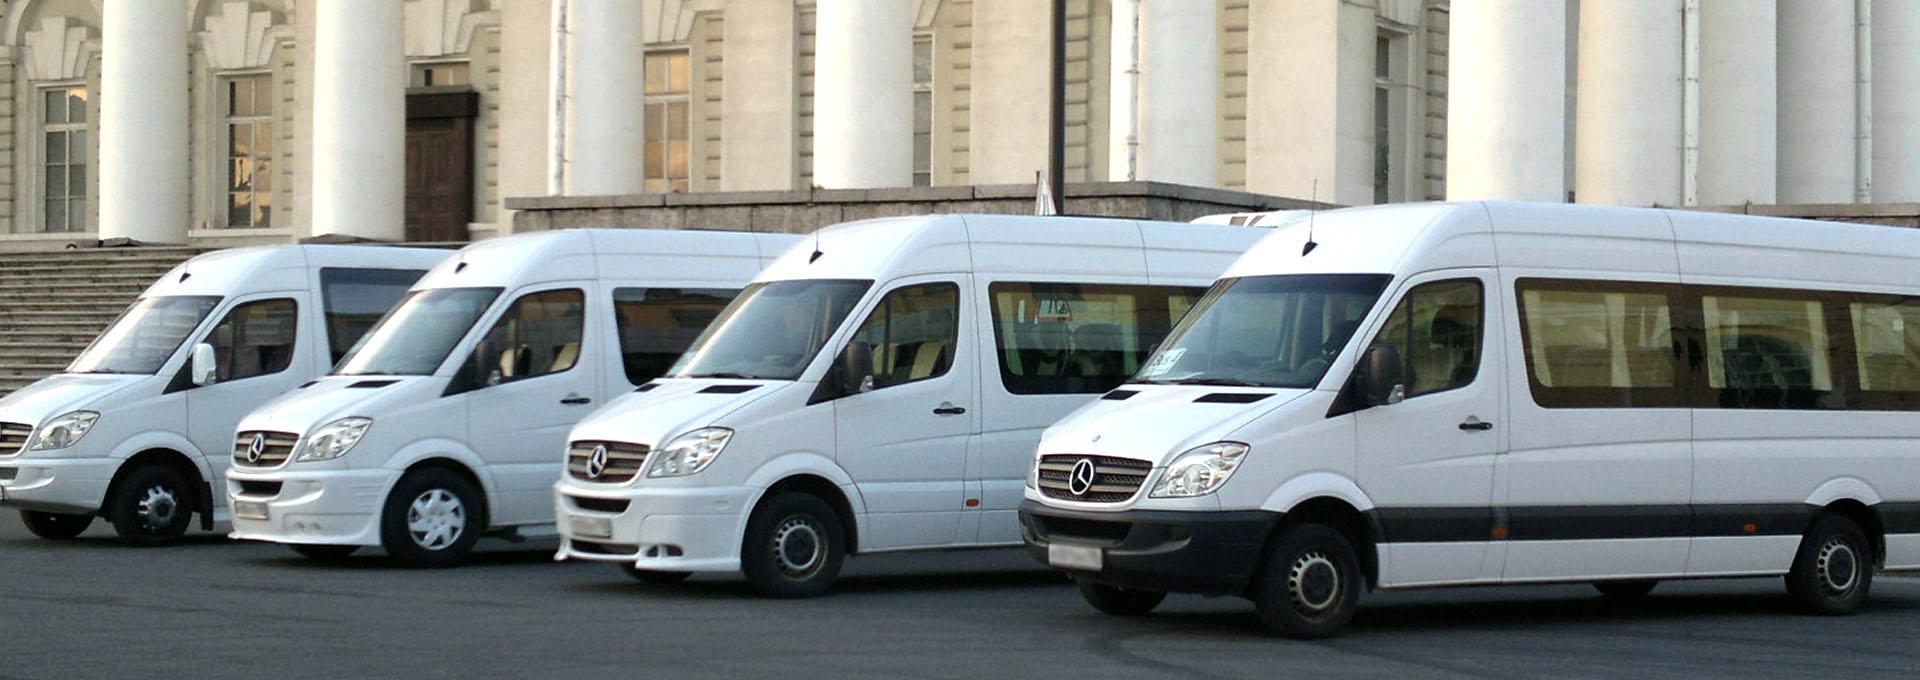 Михайлов пассажирские перевозки пассажирские перевозки в екатеринбург из костаная